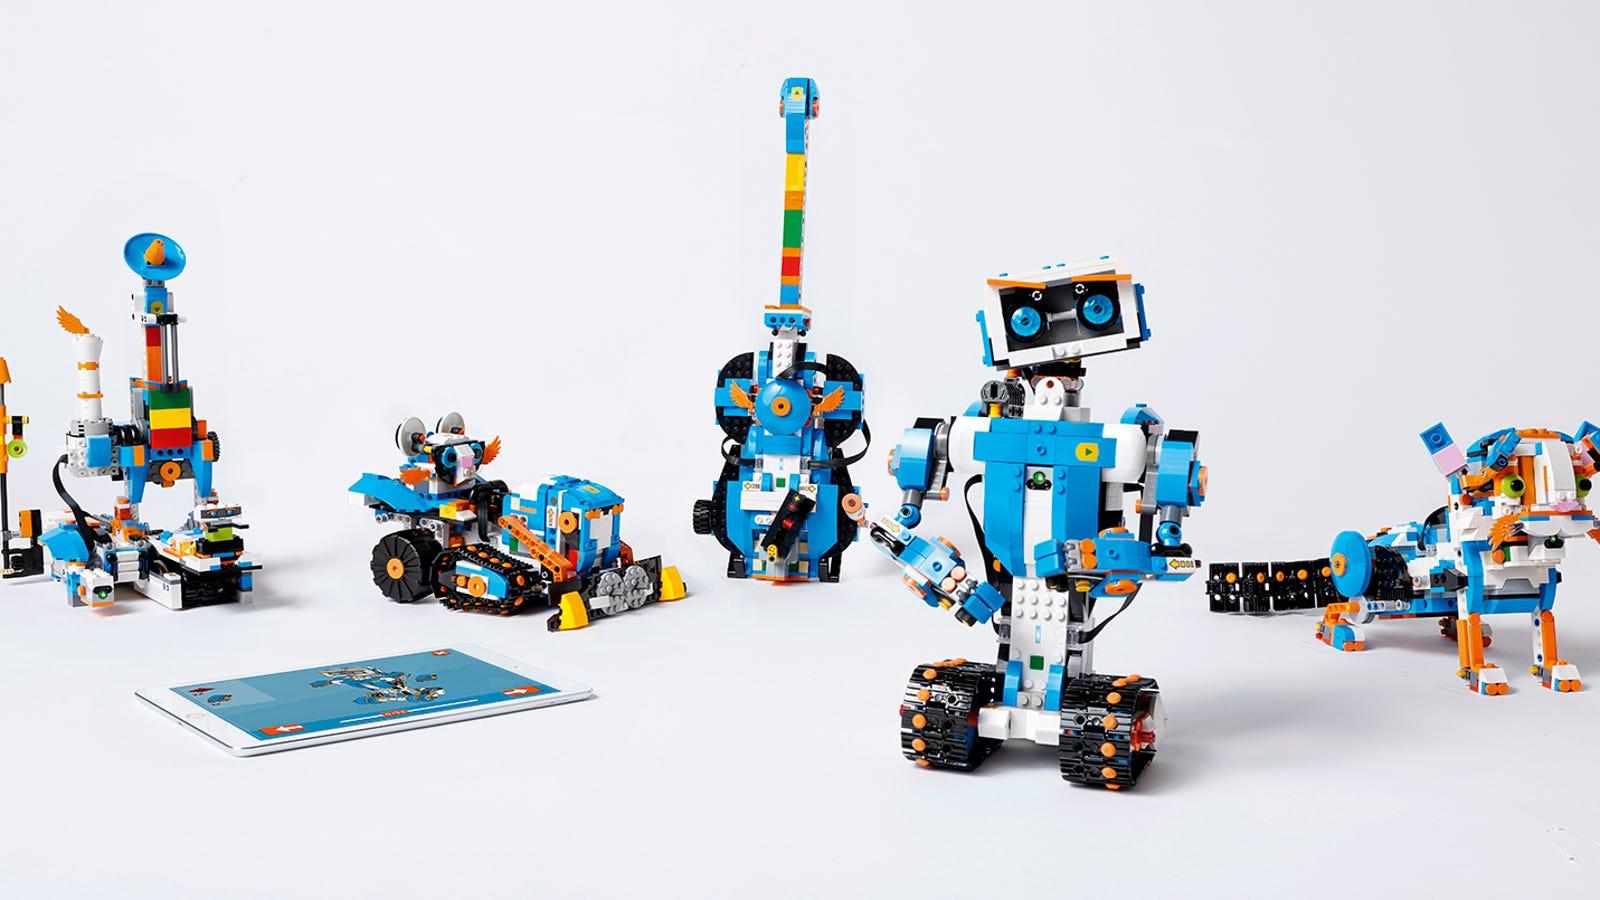 Building Crazy Lego Robots Has Never Been Easier